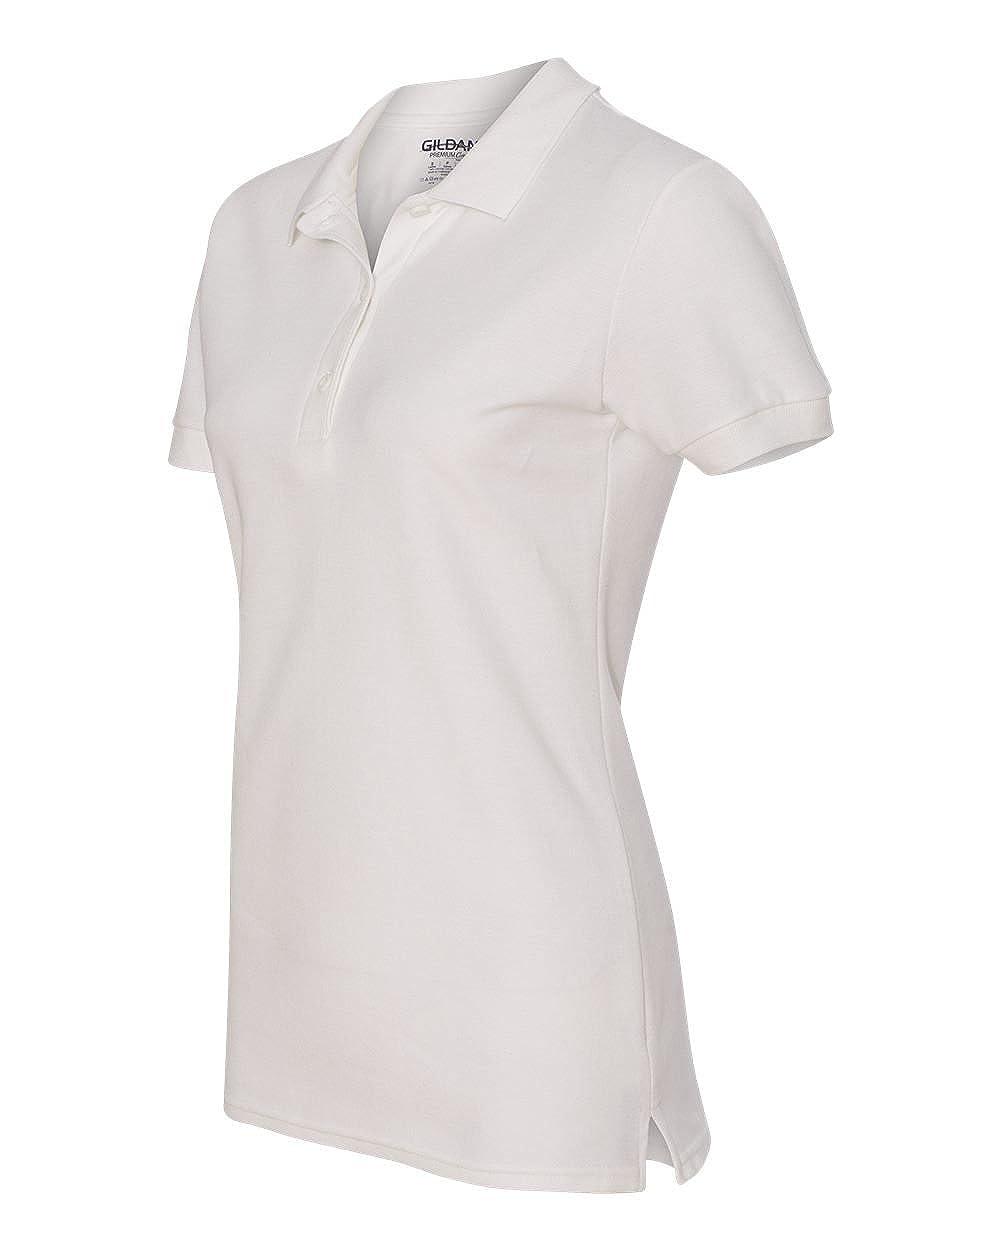 G828L White Double Pique Sport Shirt Pack of 12 L Gildan Premium Cotton 6.5 oz